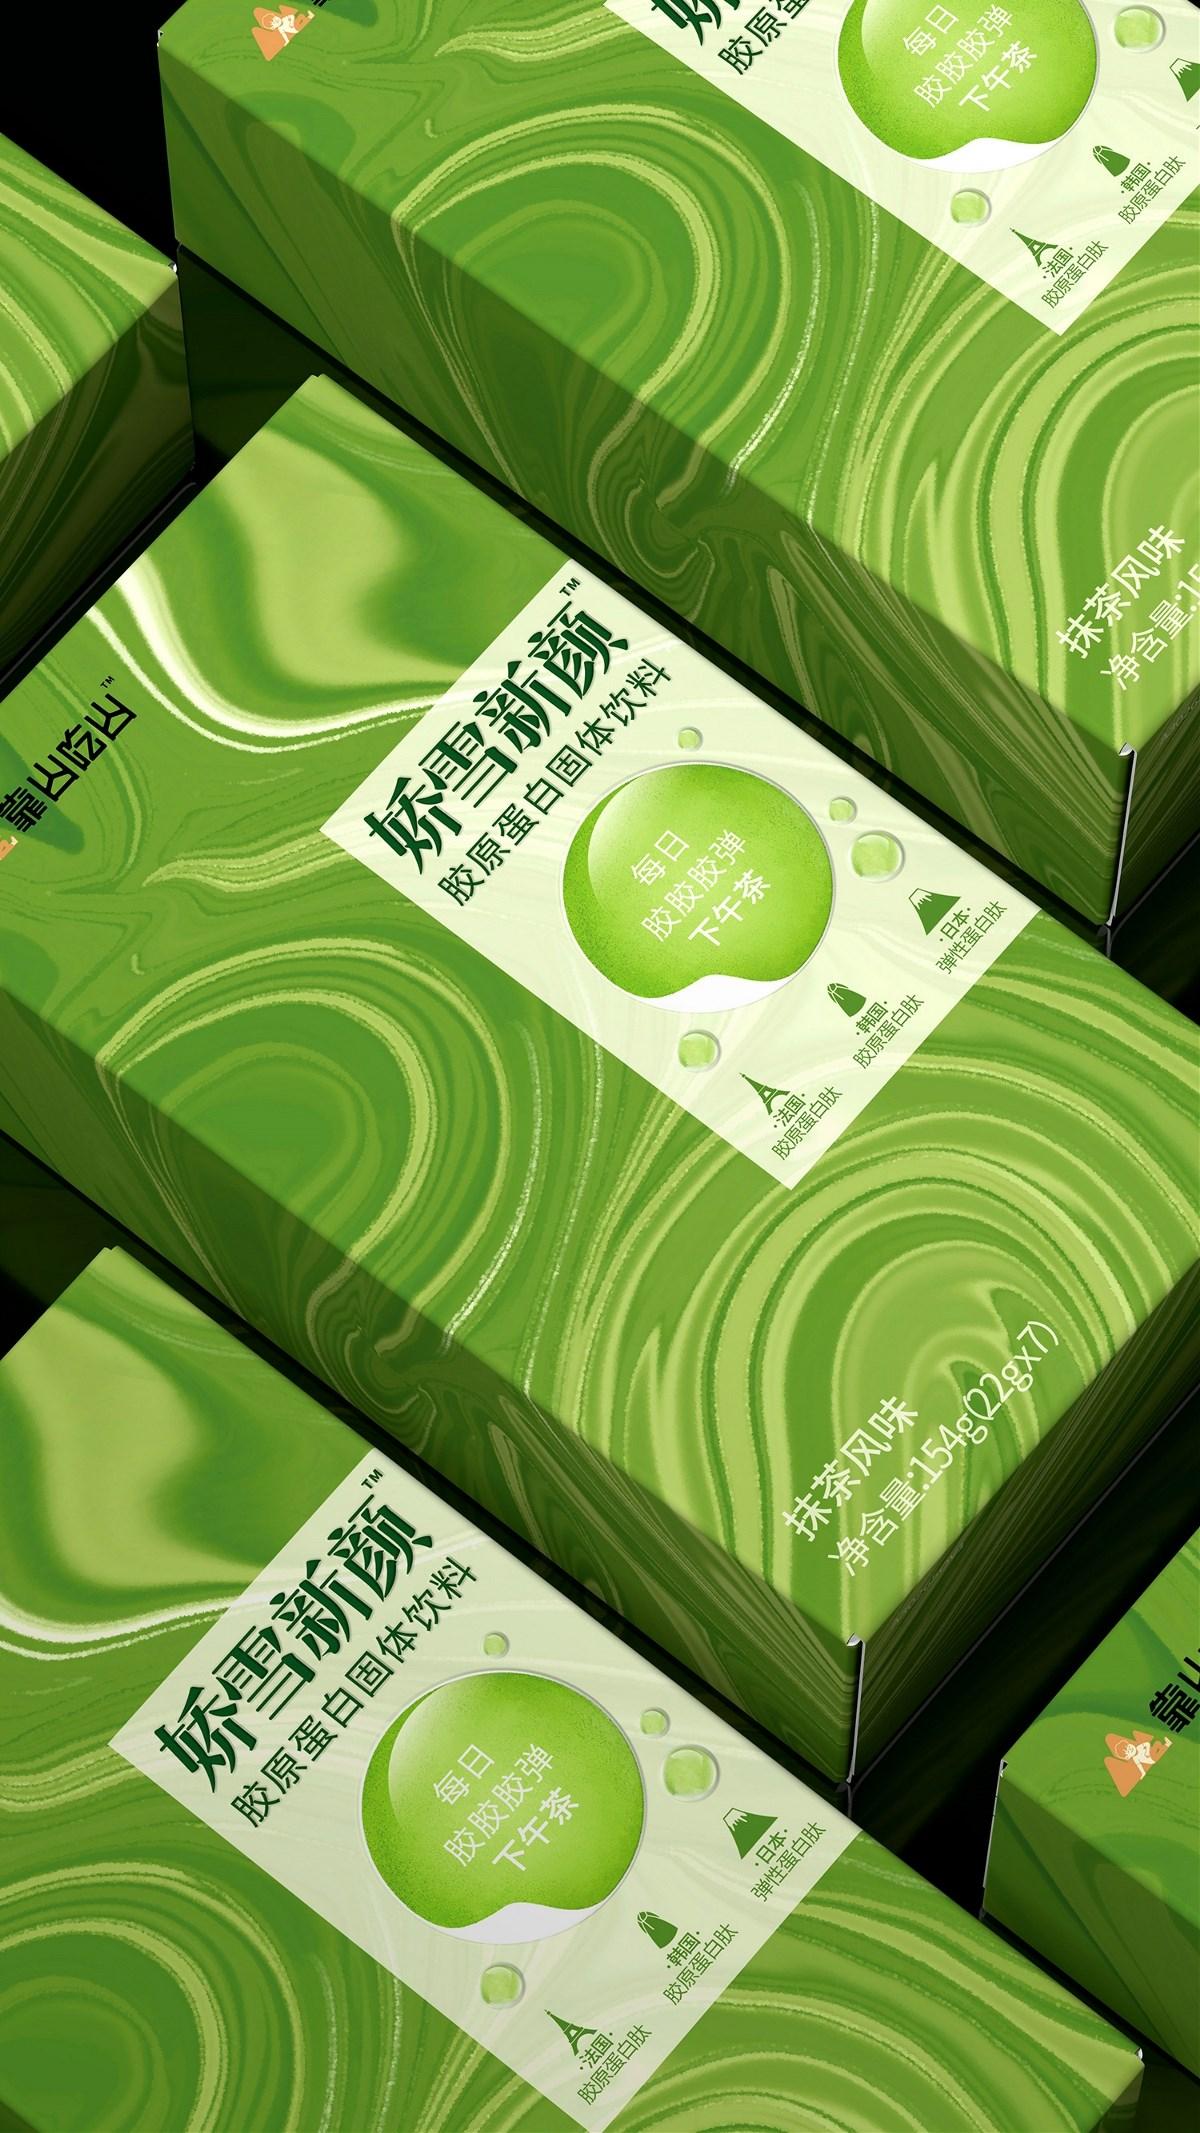 扬子江•靠山吃山胶原蛋白固体饮料包装设计|厚启设计